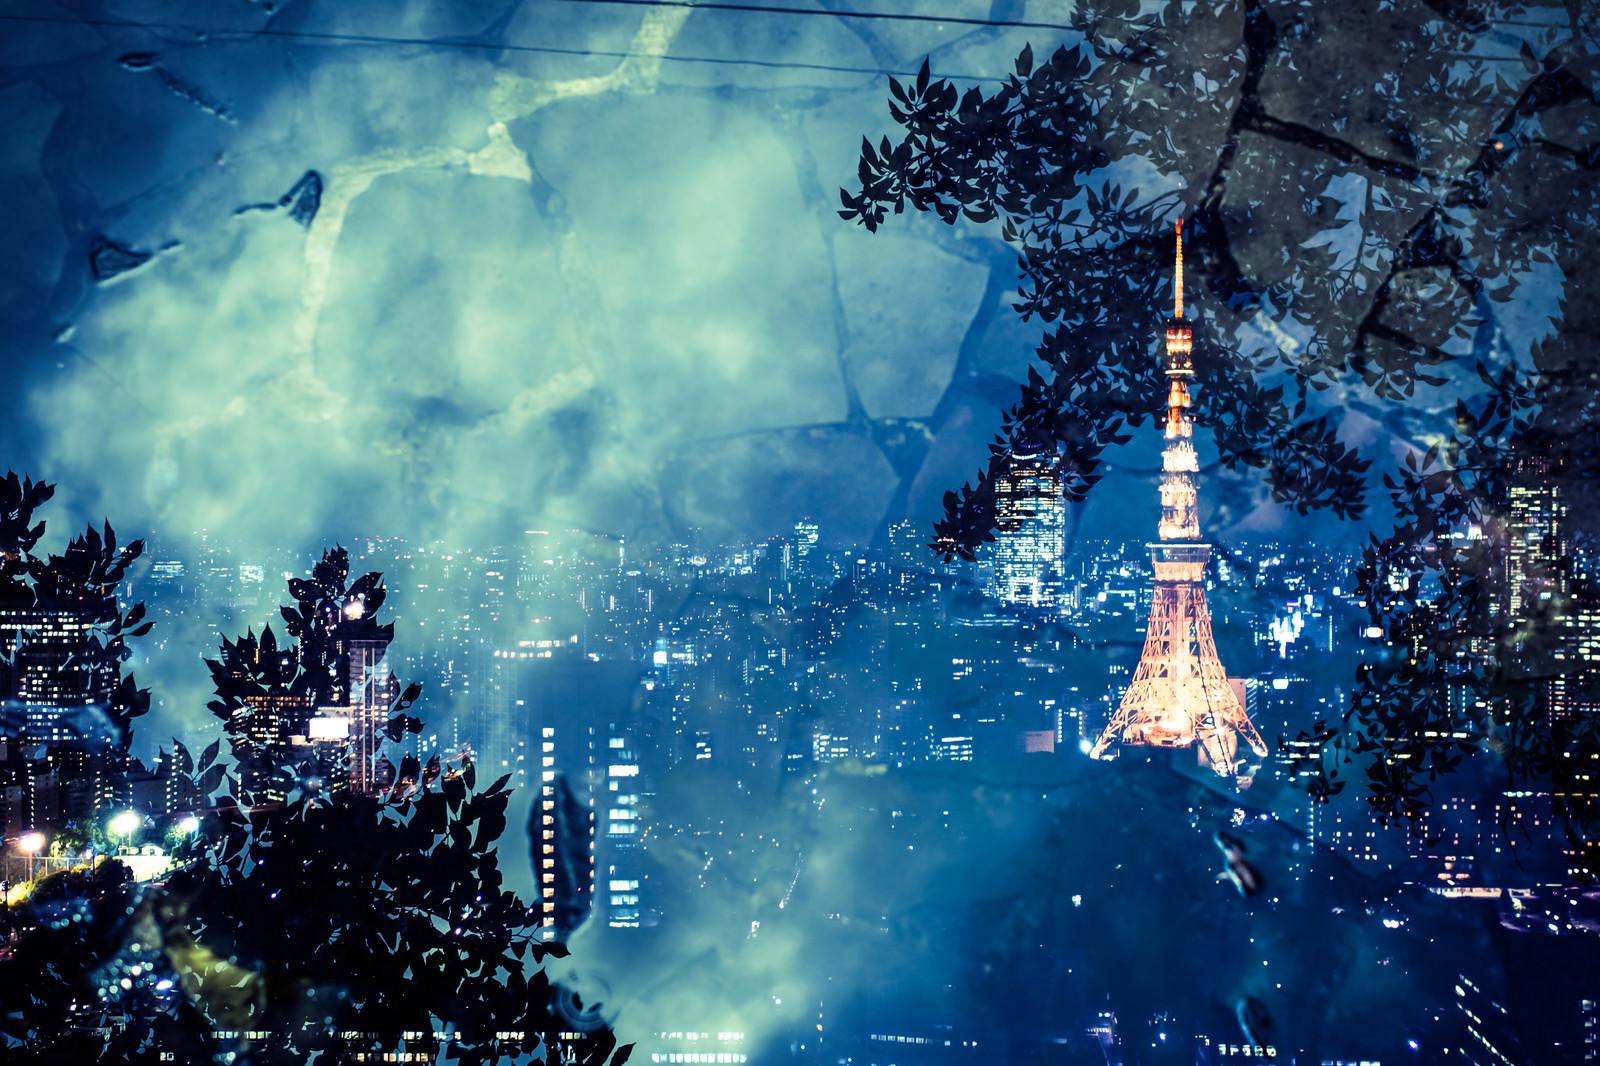 「石畳と東京タワー(夜景)石畳と東京タワー(夜景)」のフリー写真素材を拡大